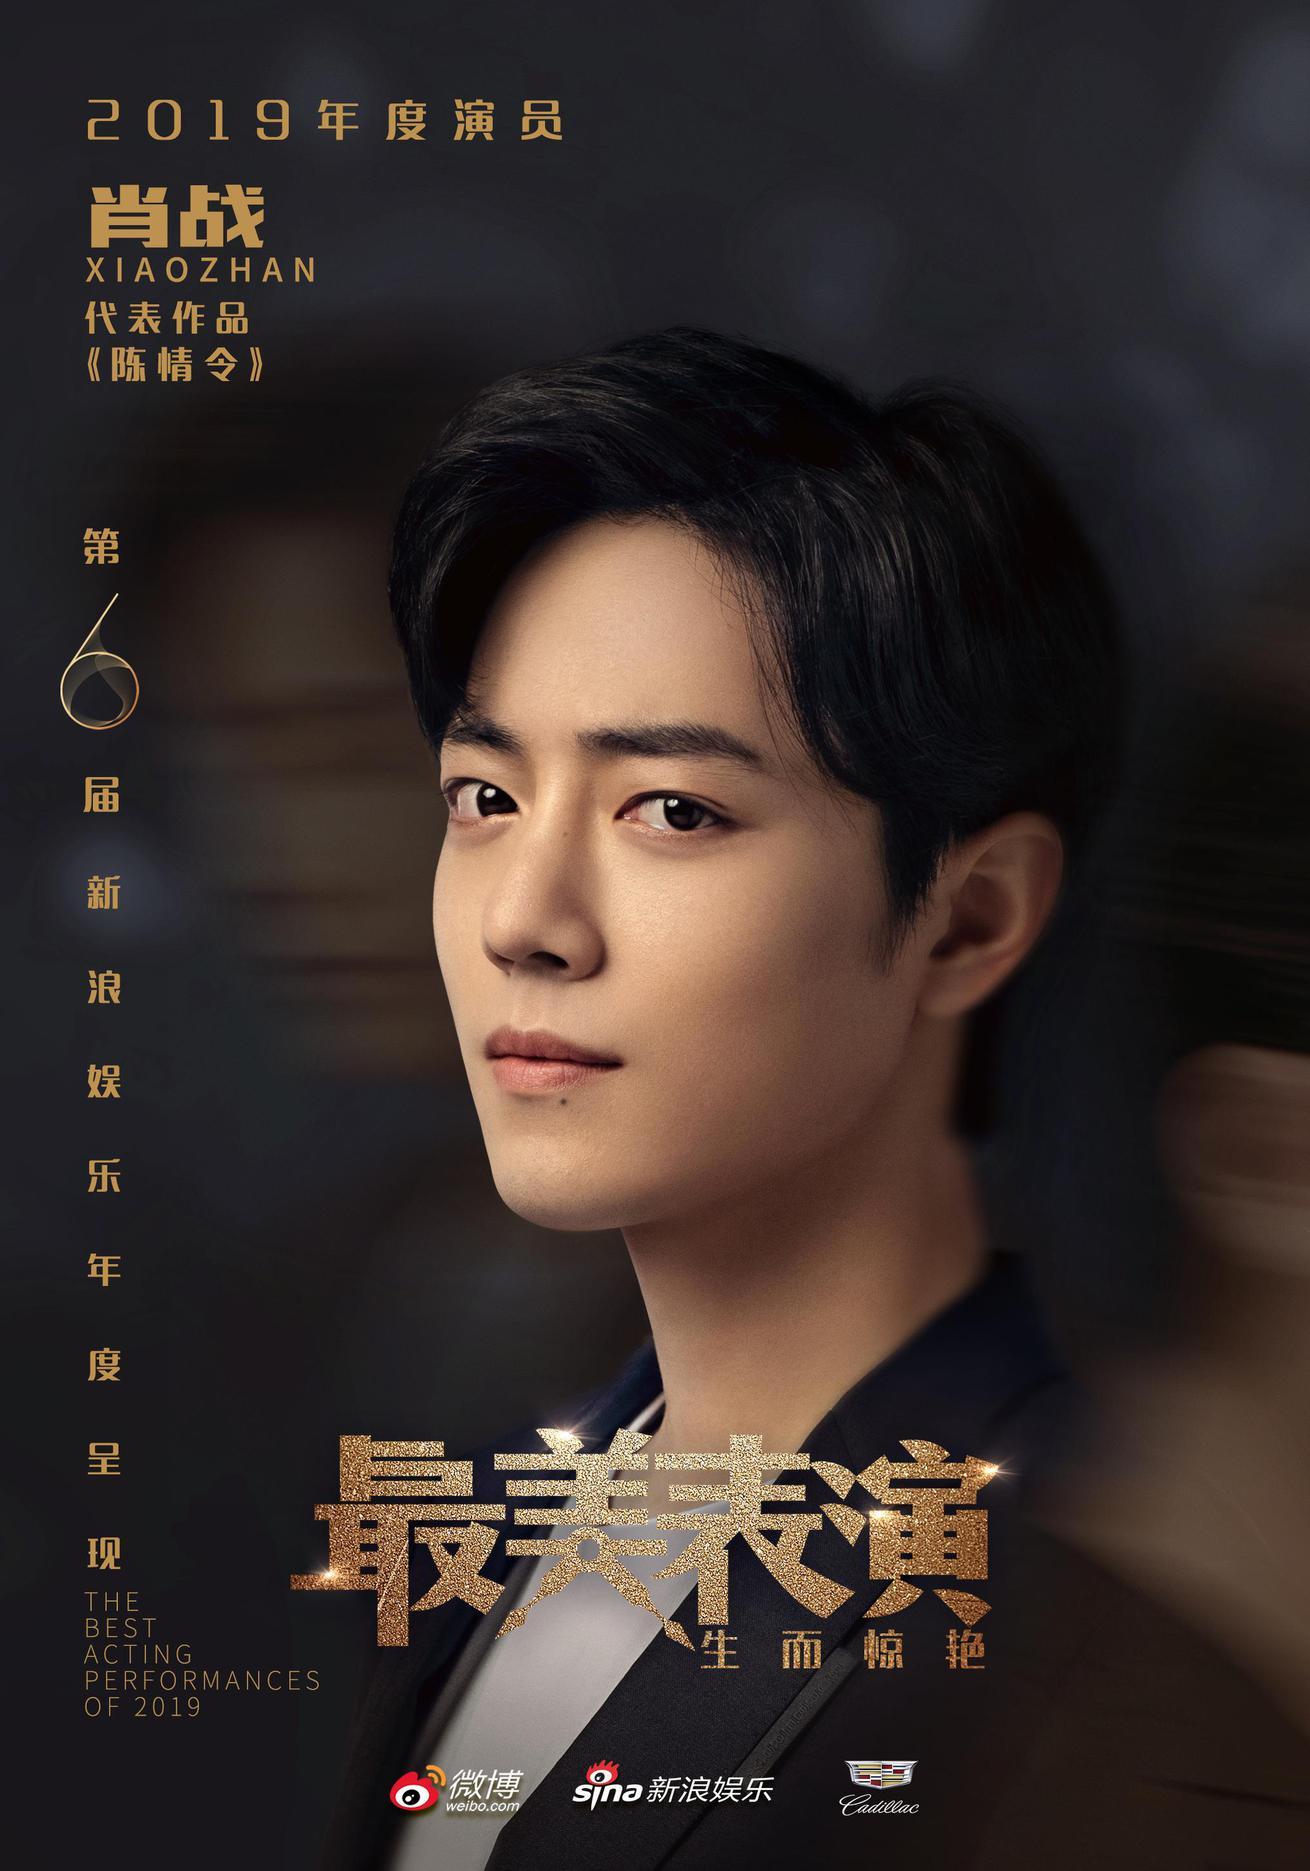 2019最美表演-肖战